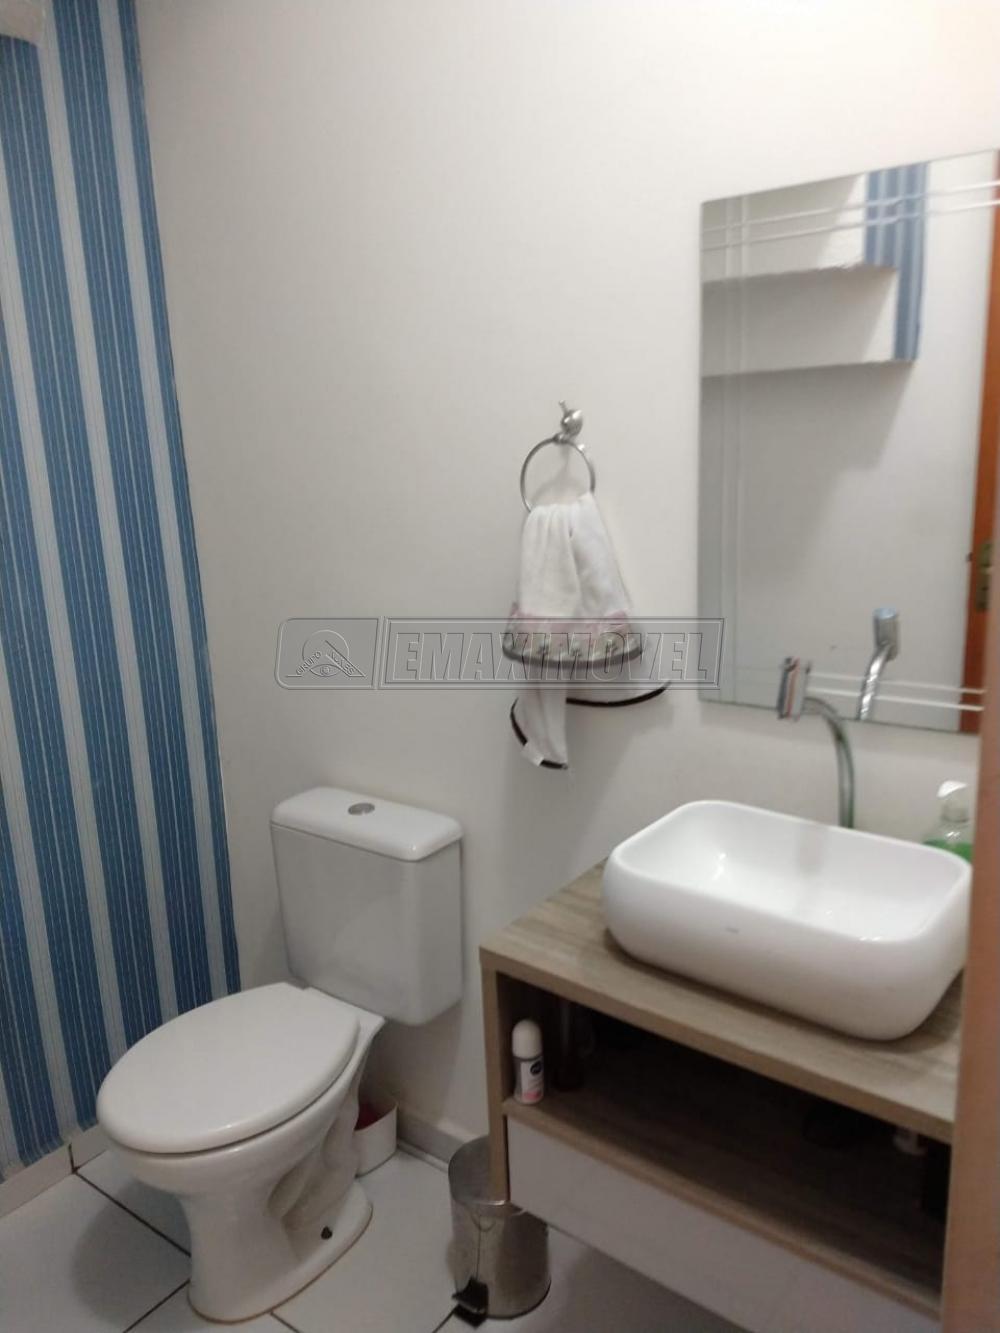 Comprar Casas / em Condomínios em Sorocaba apenas R$ 240.000,00 - Foto 7